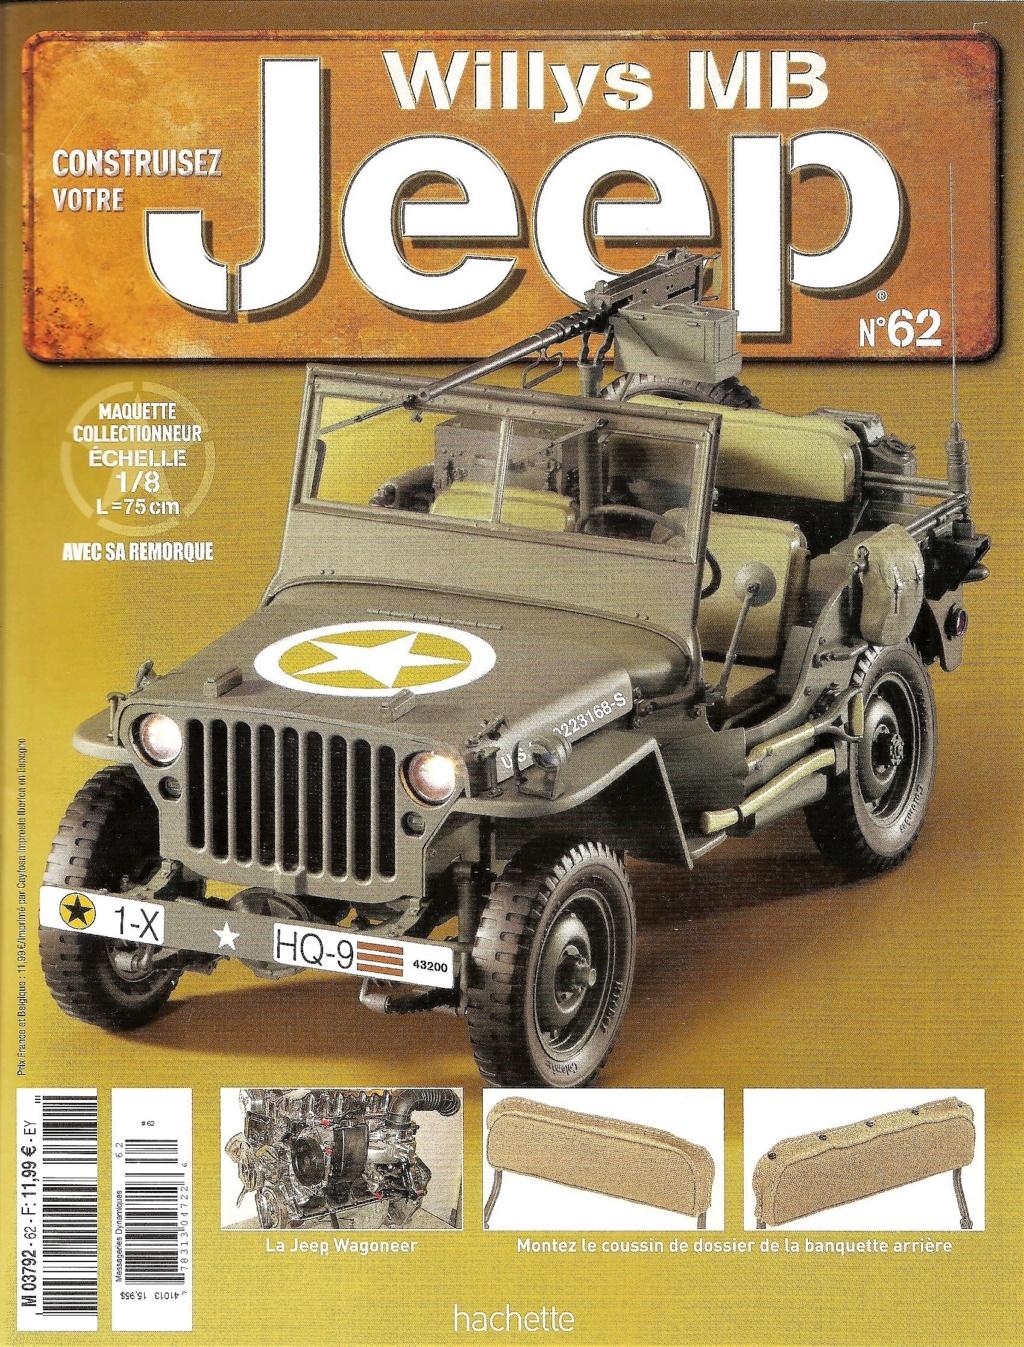 Jeep Willis Hachette au 1/8 [partie I] - Page 20 N62_pa10